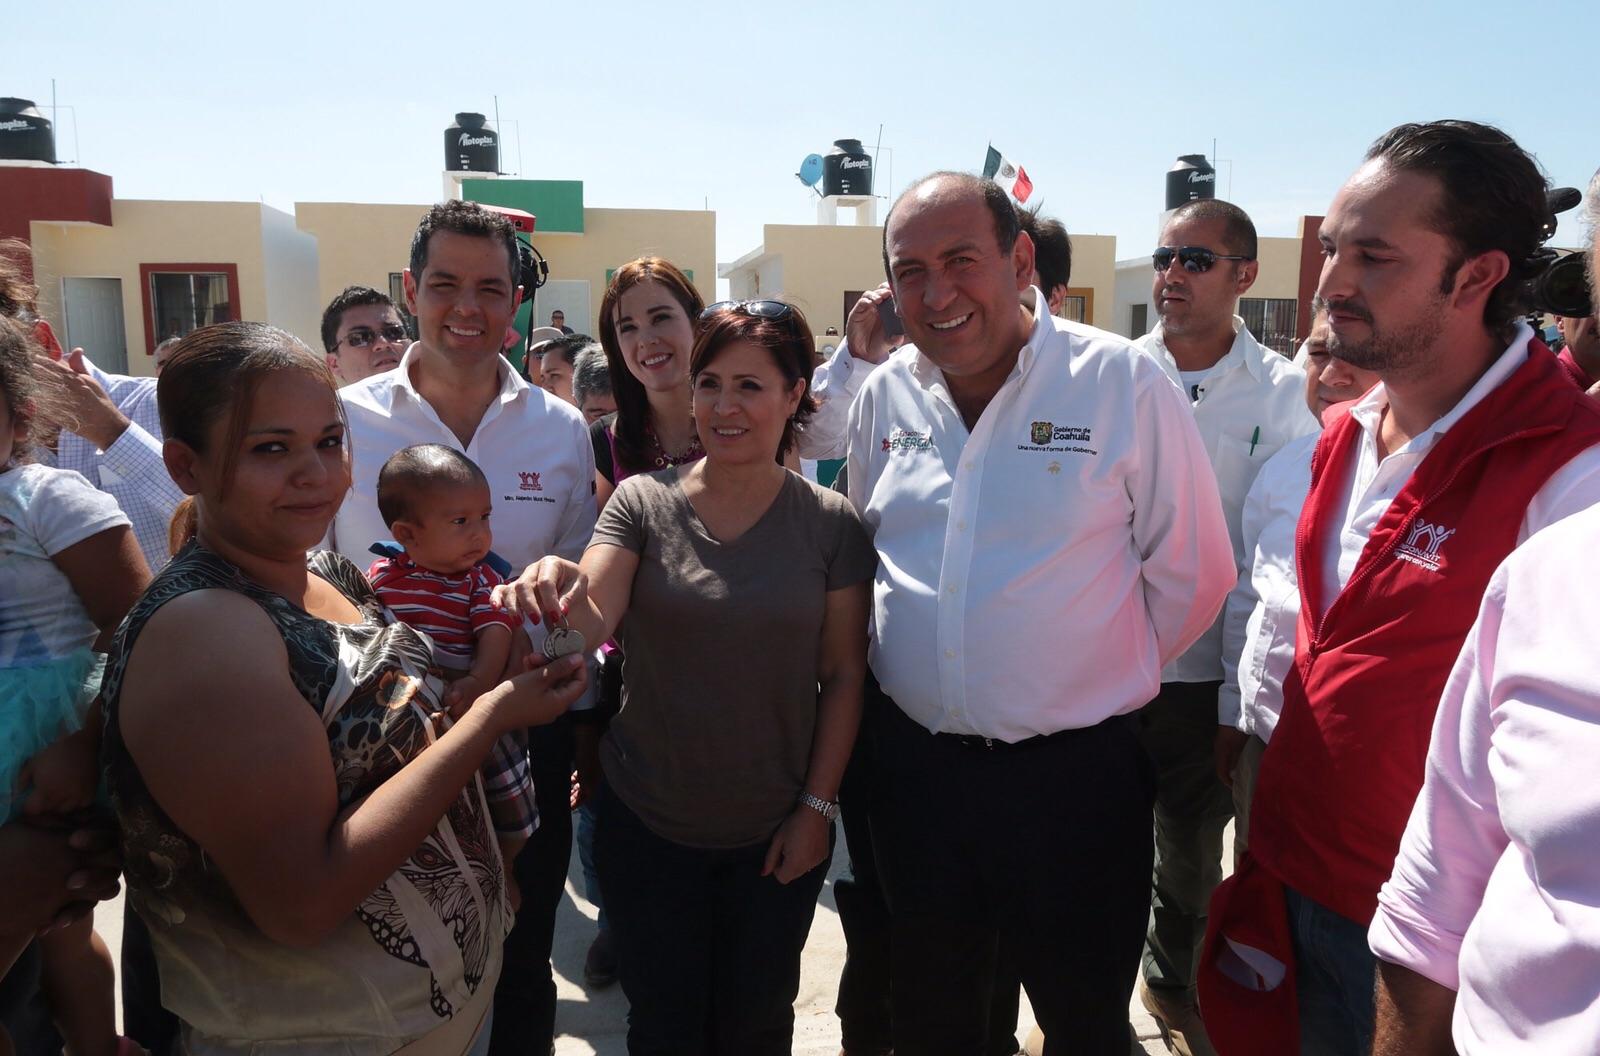 La Titular de SEDATU, Rosario Robles Berlanga realizó gira de trabajo por Ciudad Acuña, Coahuila para supervisar las obras de reconstrucción de las zonas afectadas por el tornado del pasado mes de mayo.